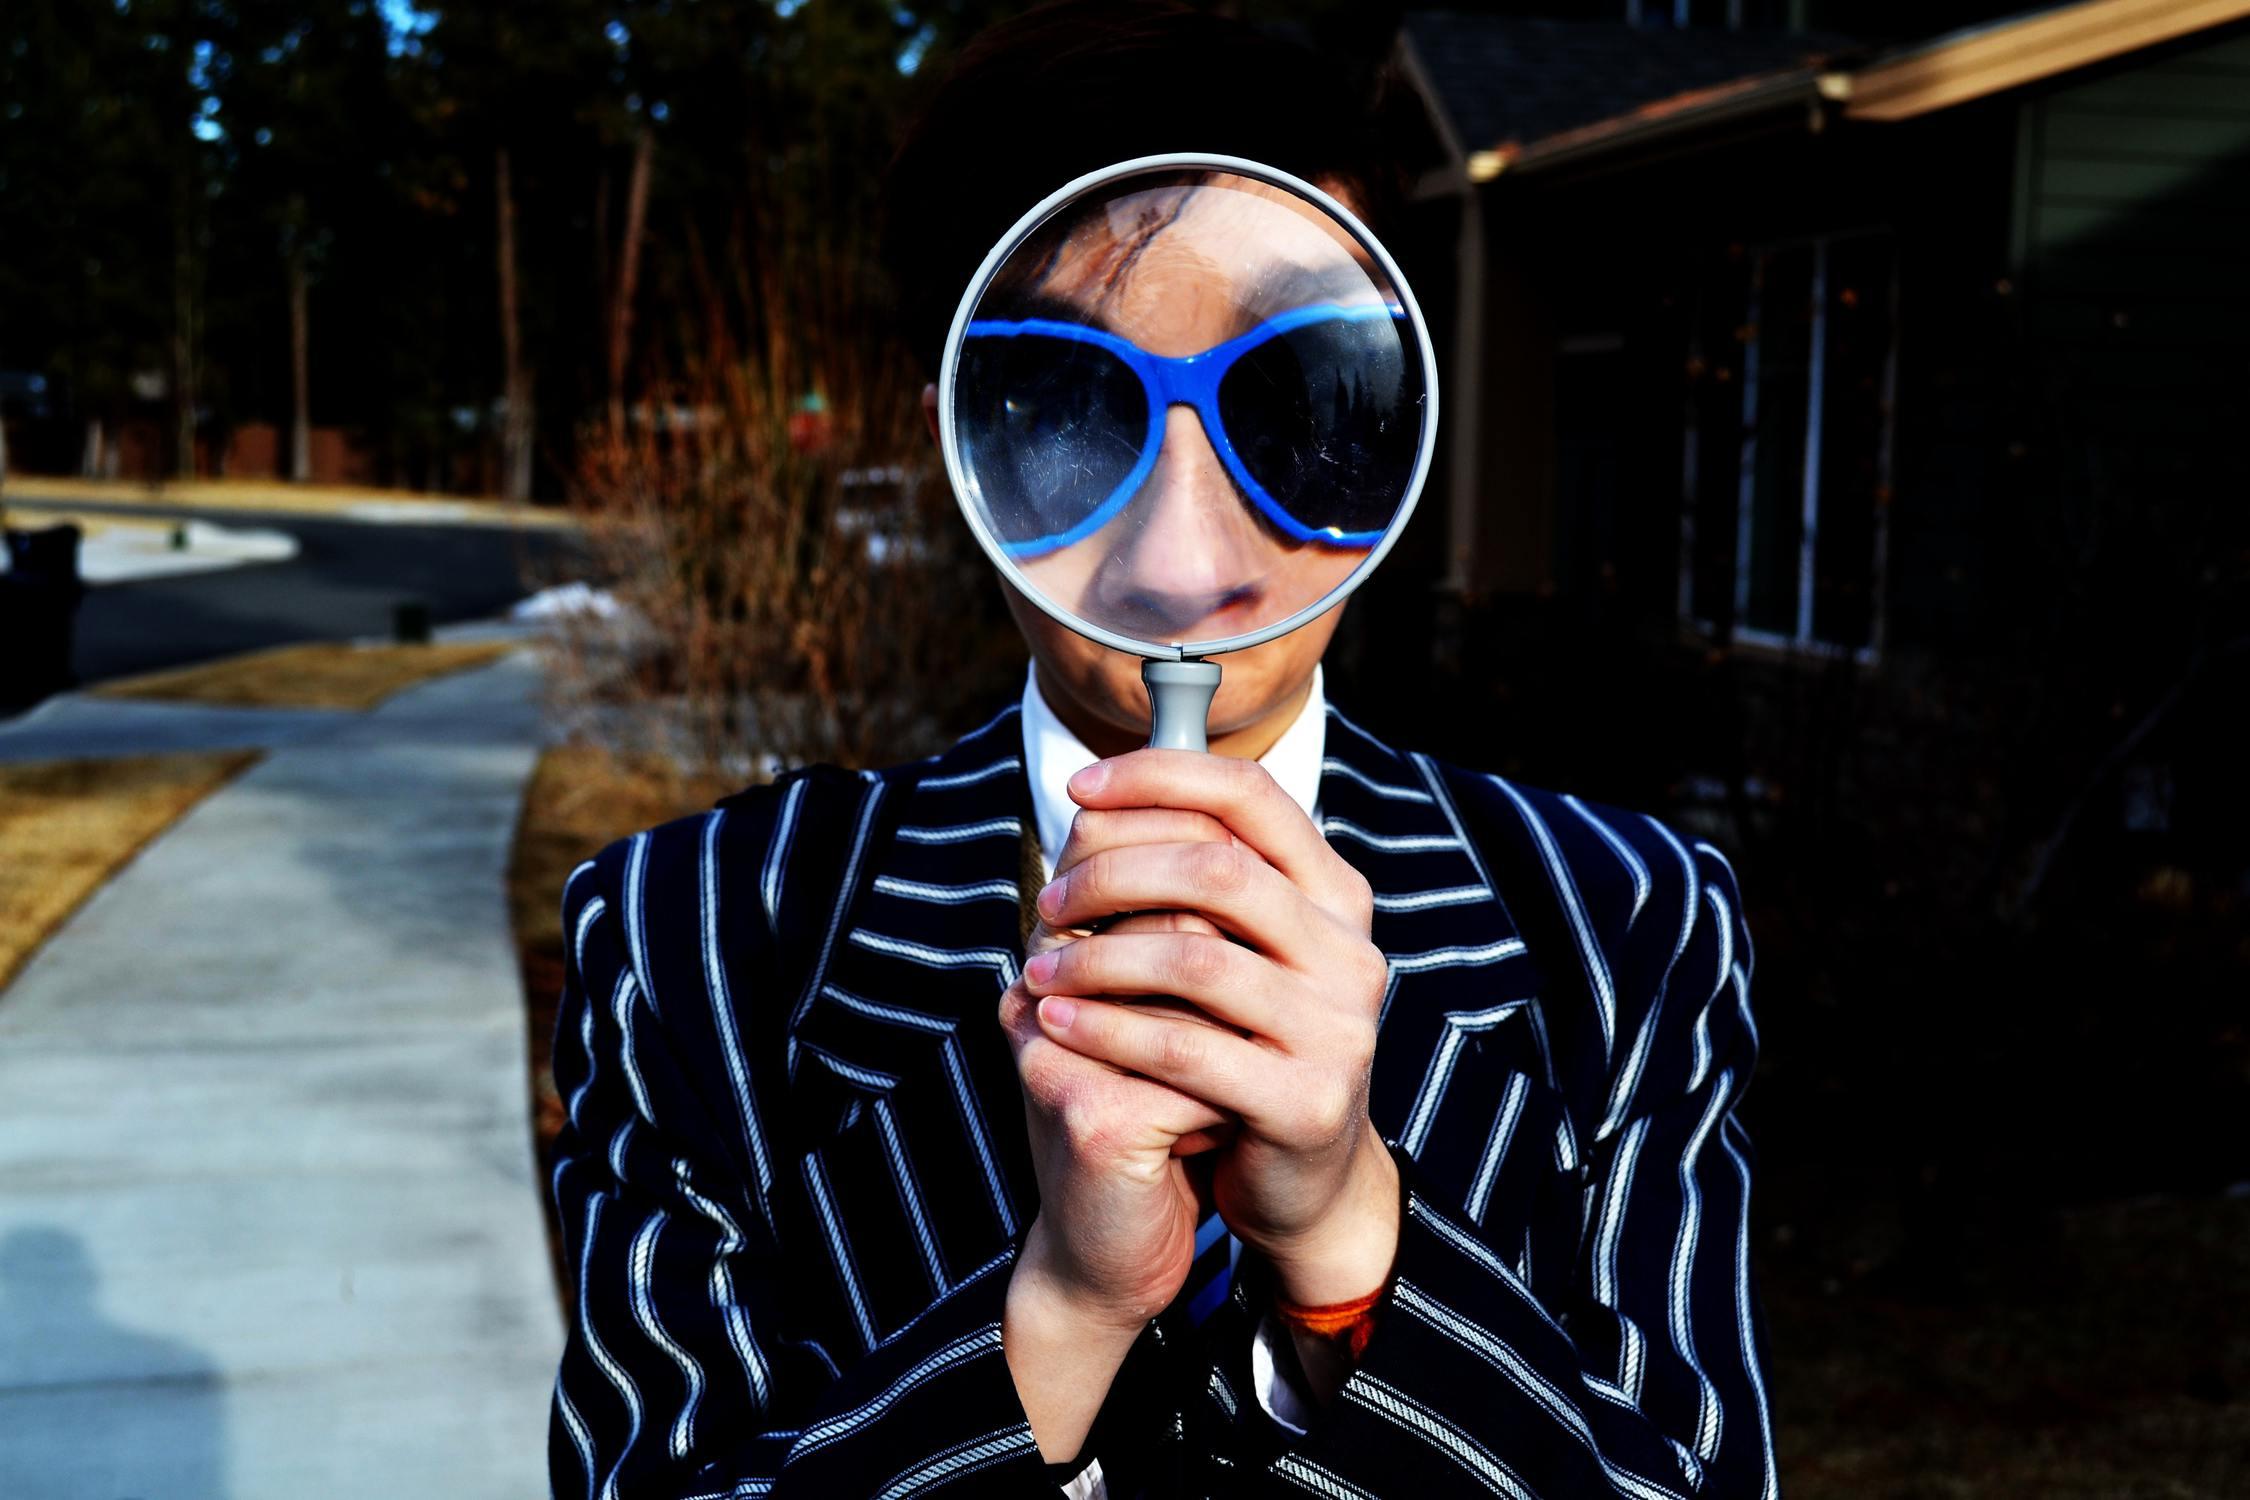 Mensch mit Sonnenbrille schaut durch Lupe